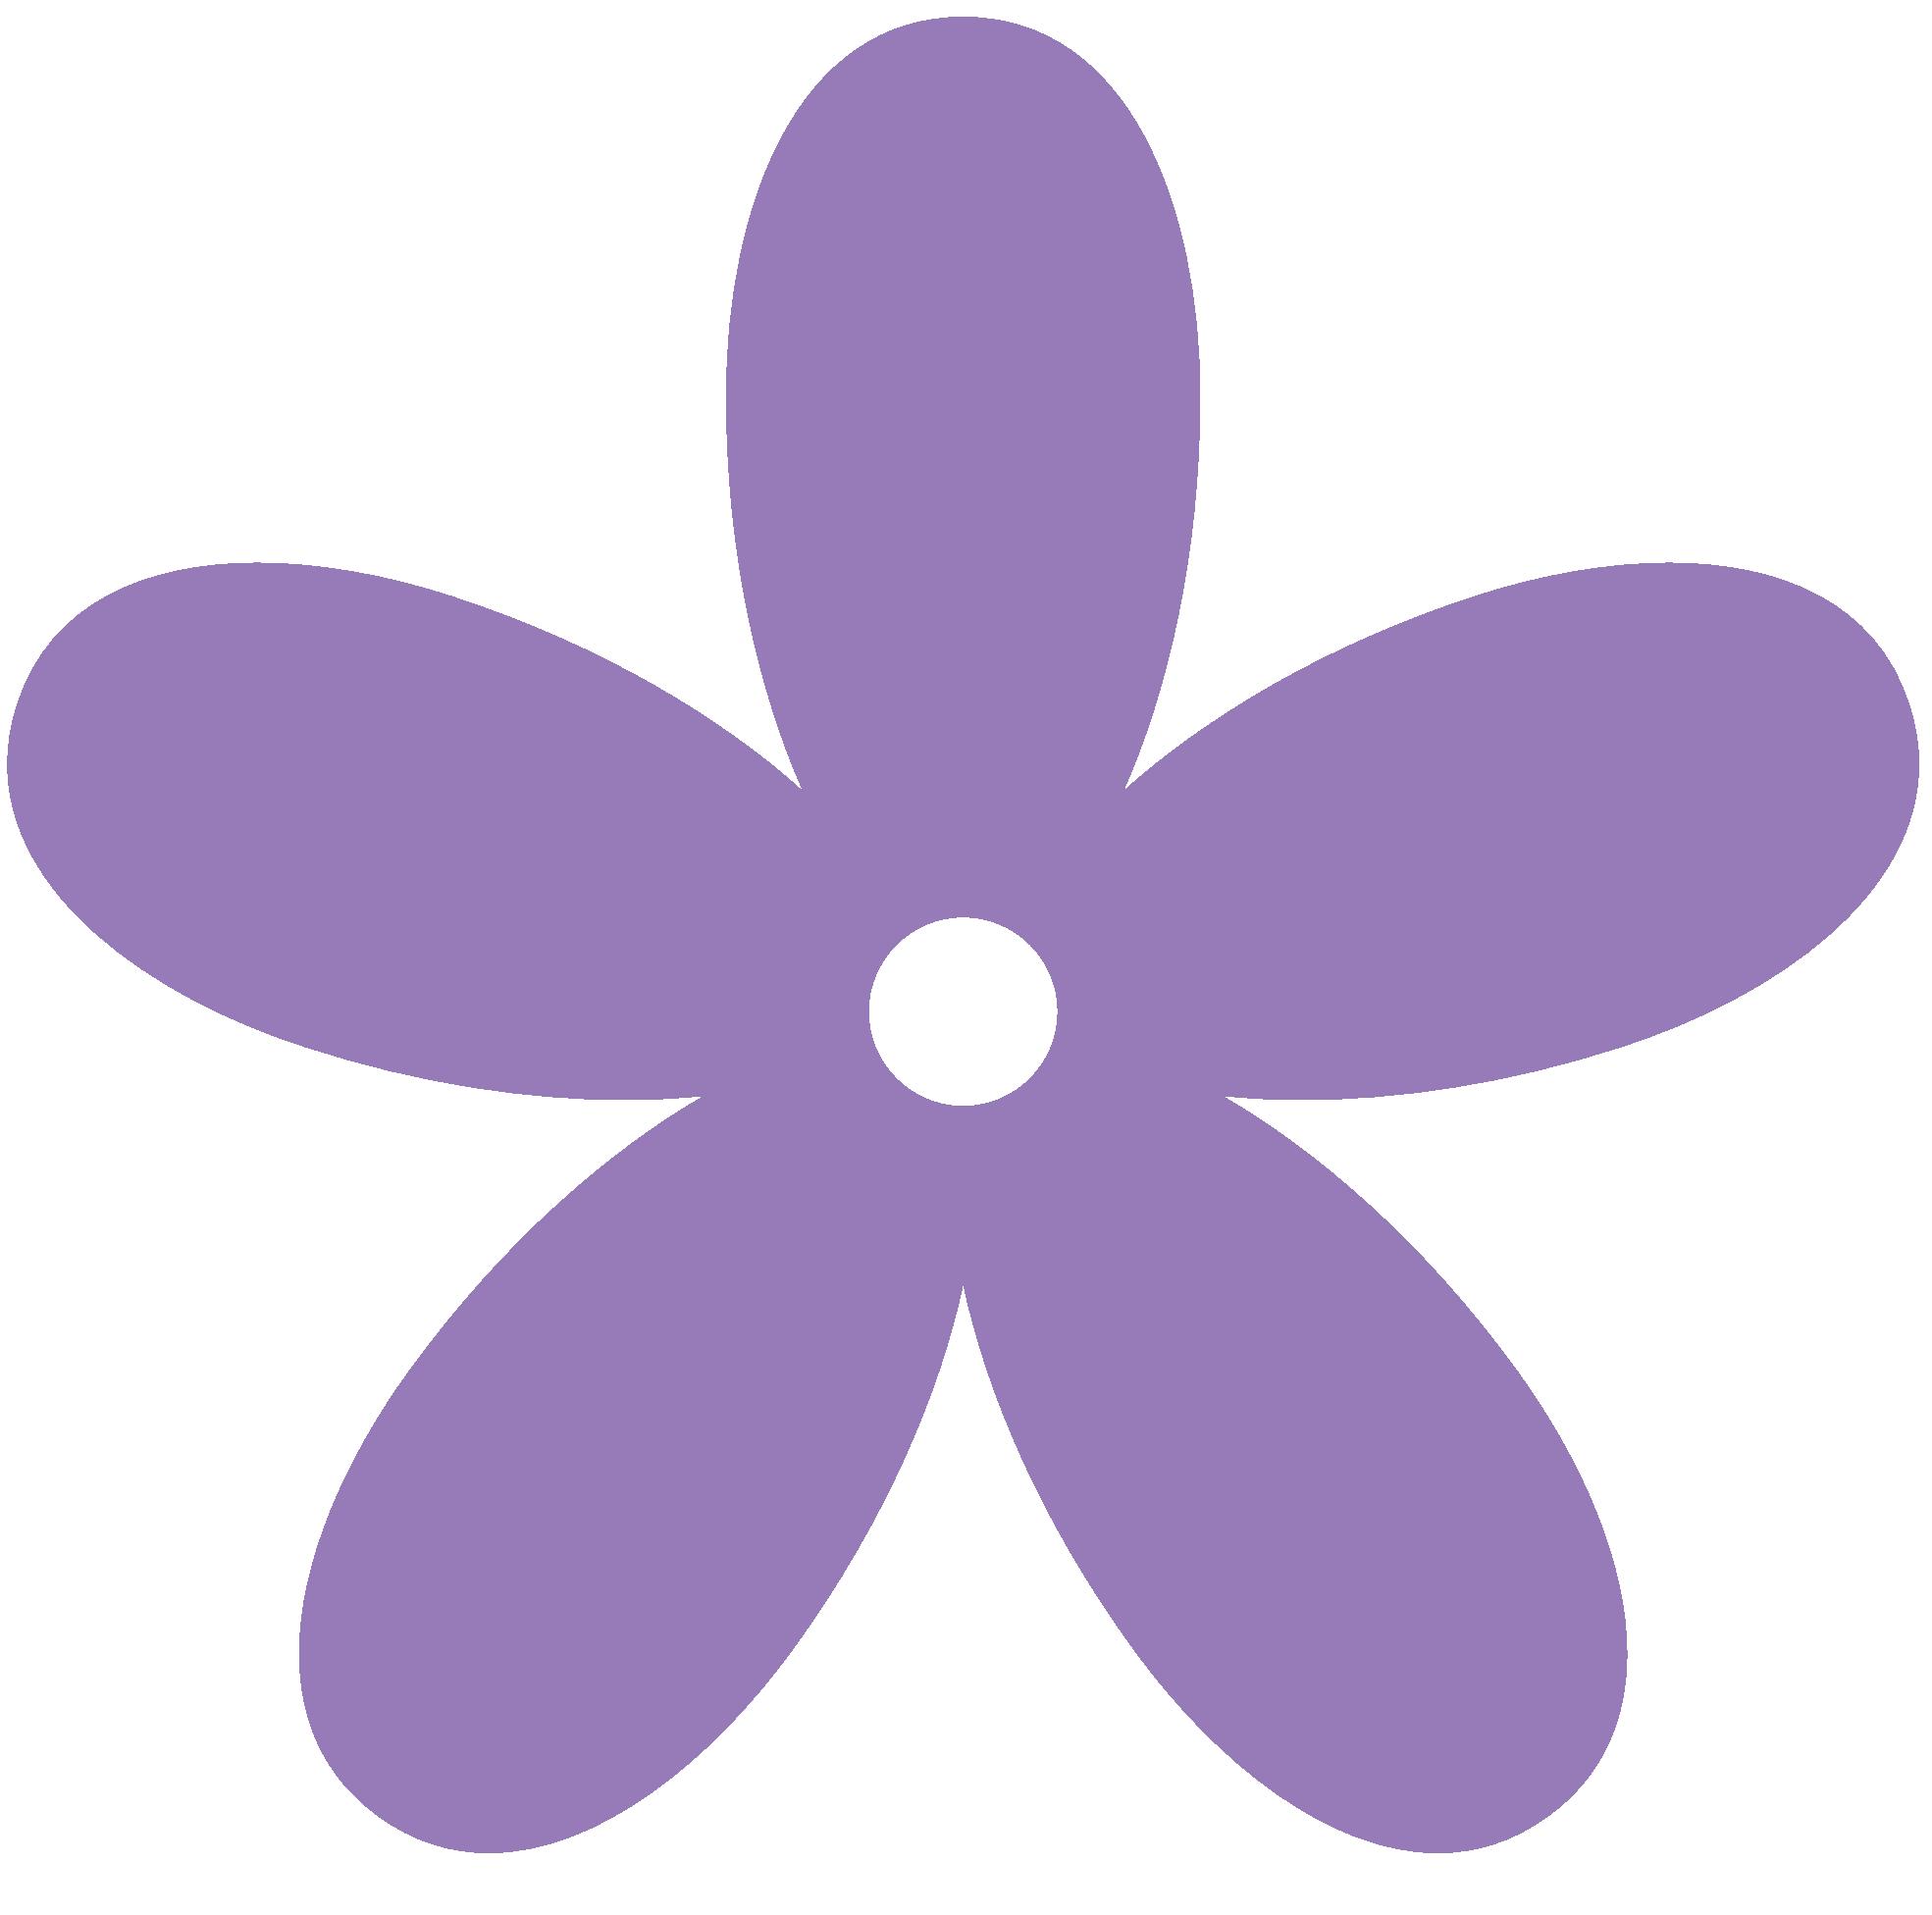 purple flowers clip art clipart panda free clipart images rh clipartpanda com Flower Border Clip Art Orange Flower Clip Art